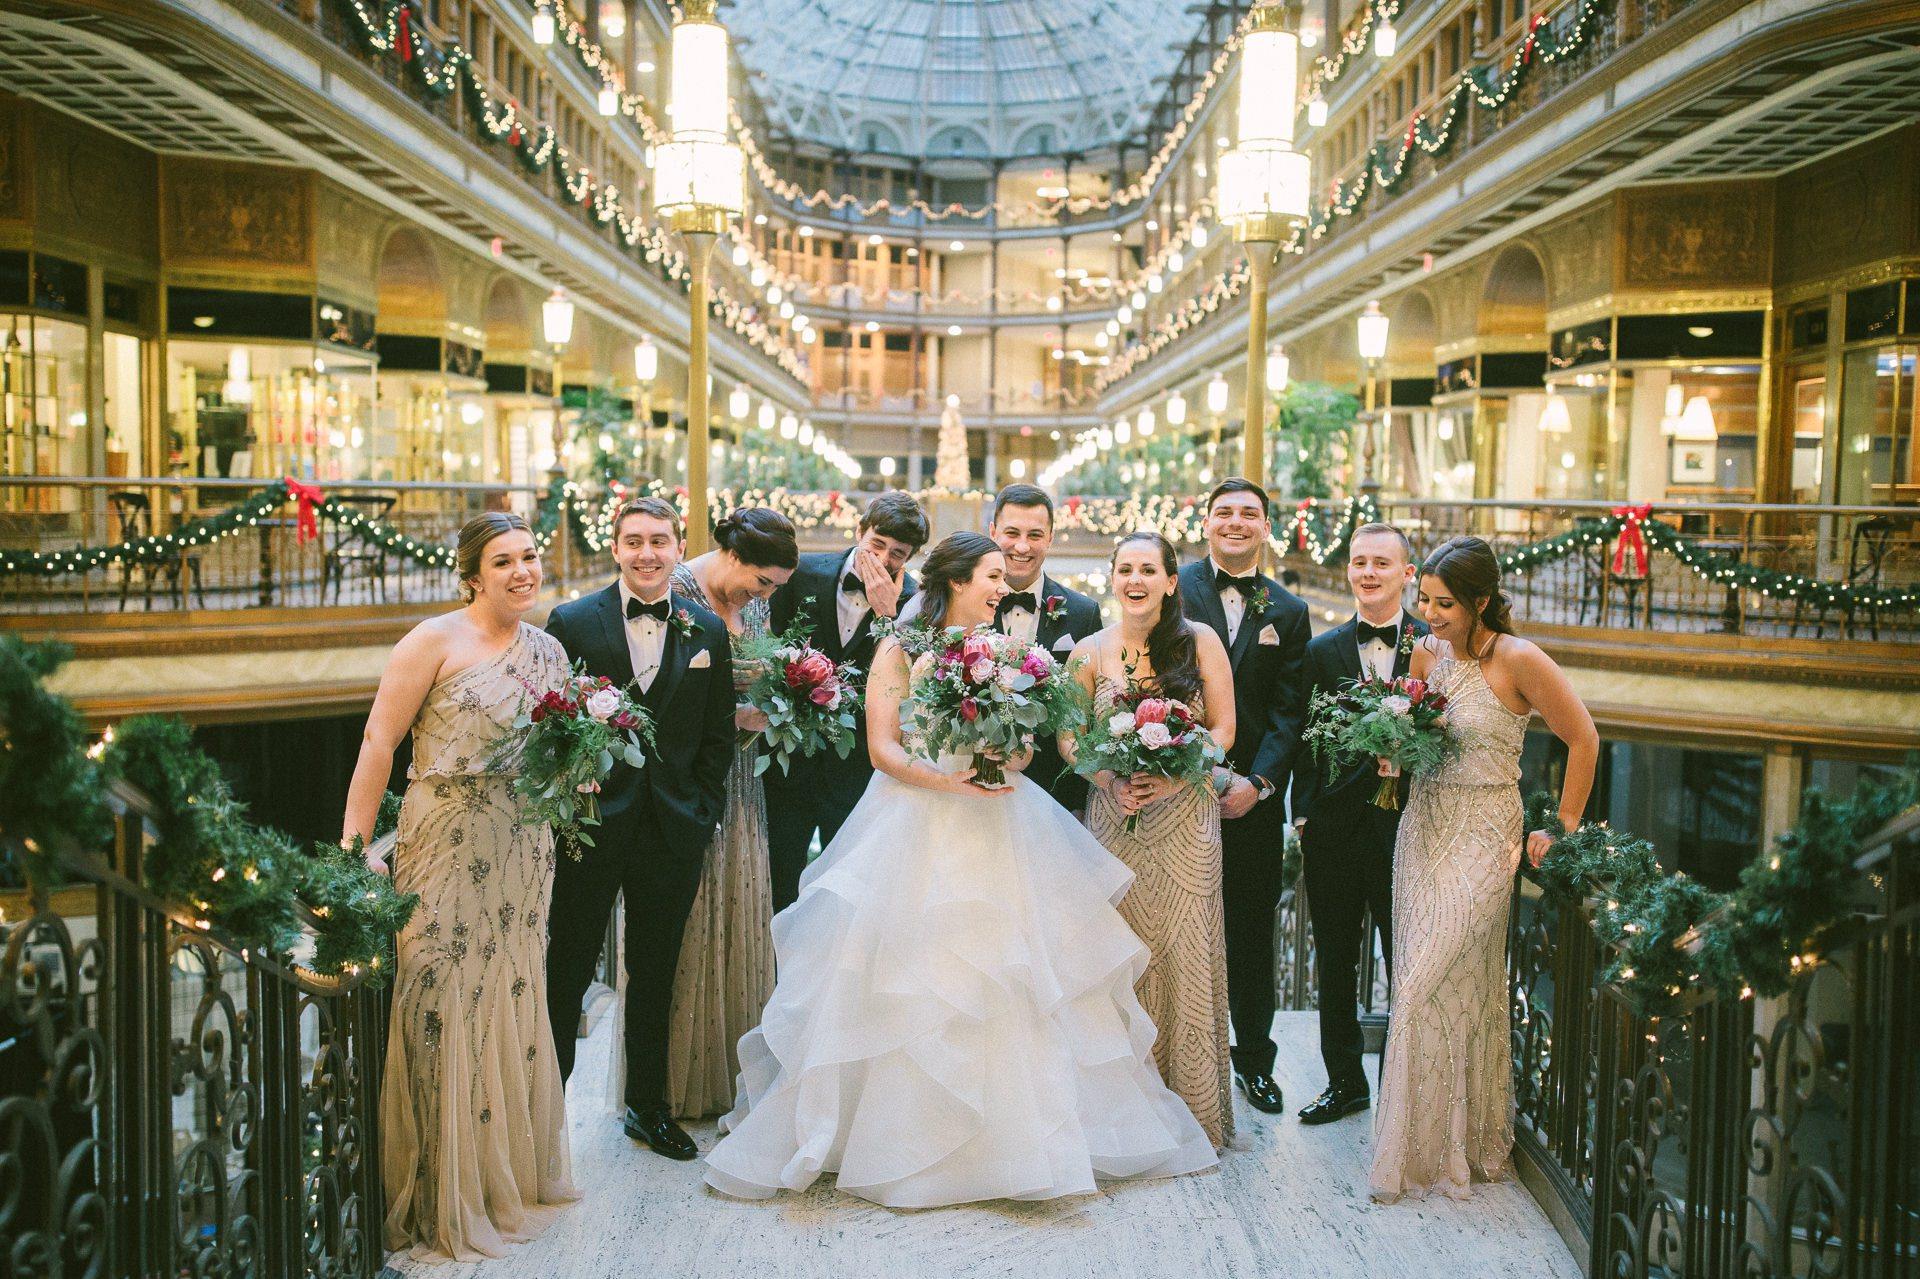 Hyatt Old Arcade Wedding Photographer in Cleveland 1 39.jpg